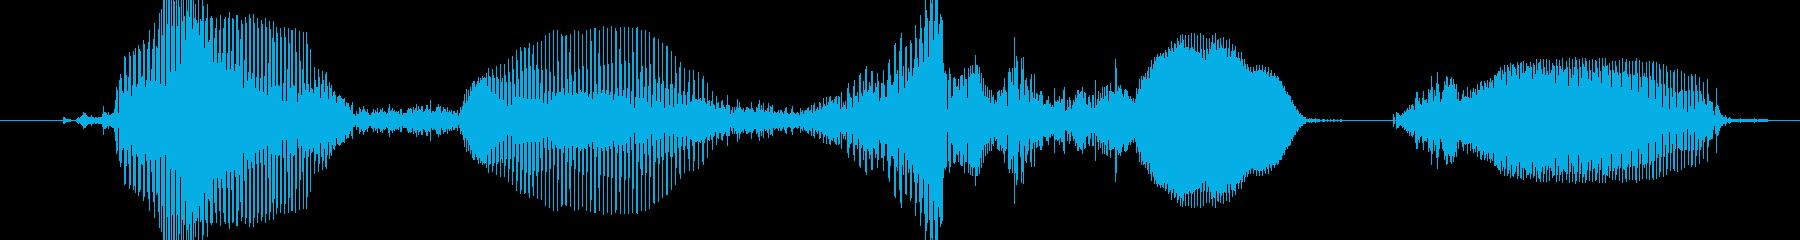 好評配信中の再生済みの波形